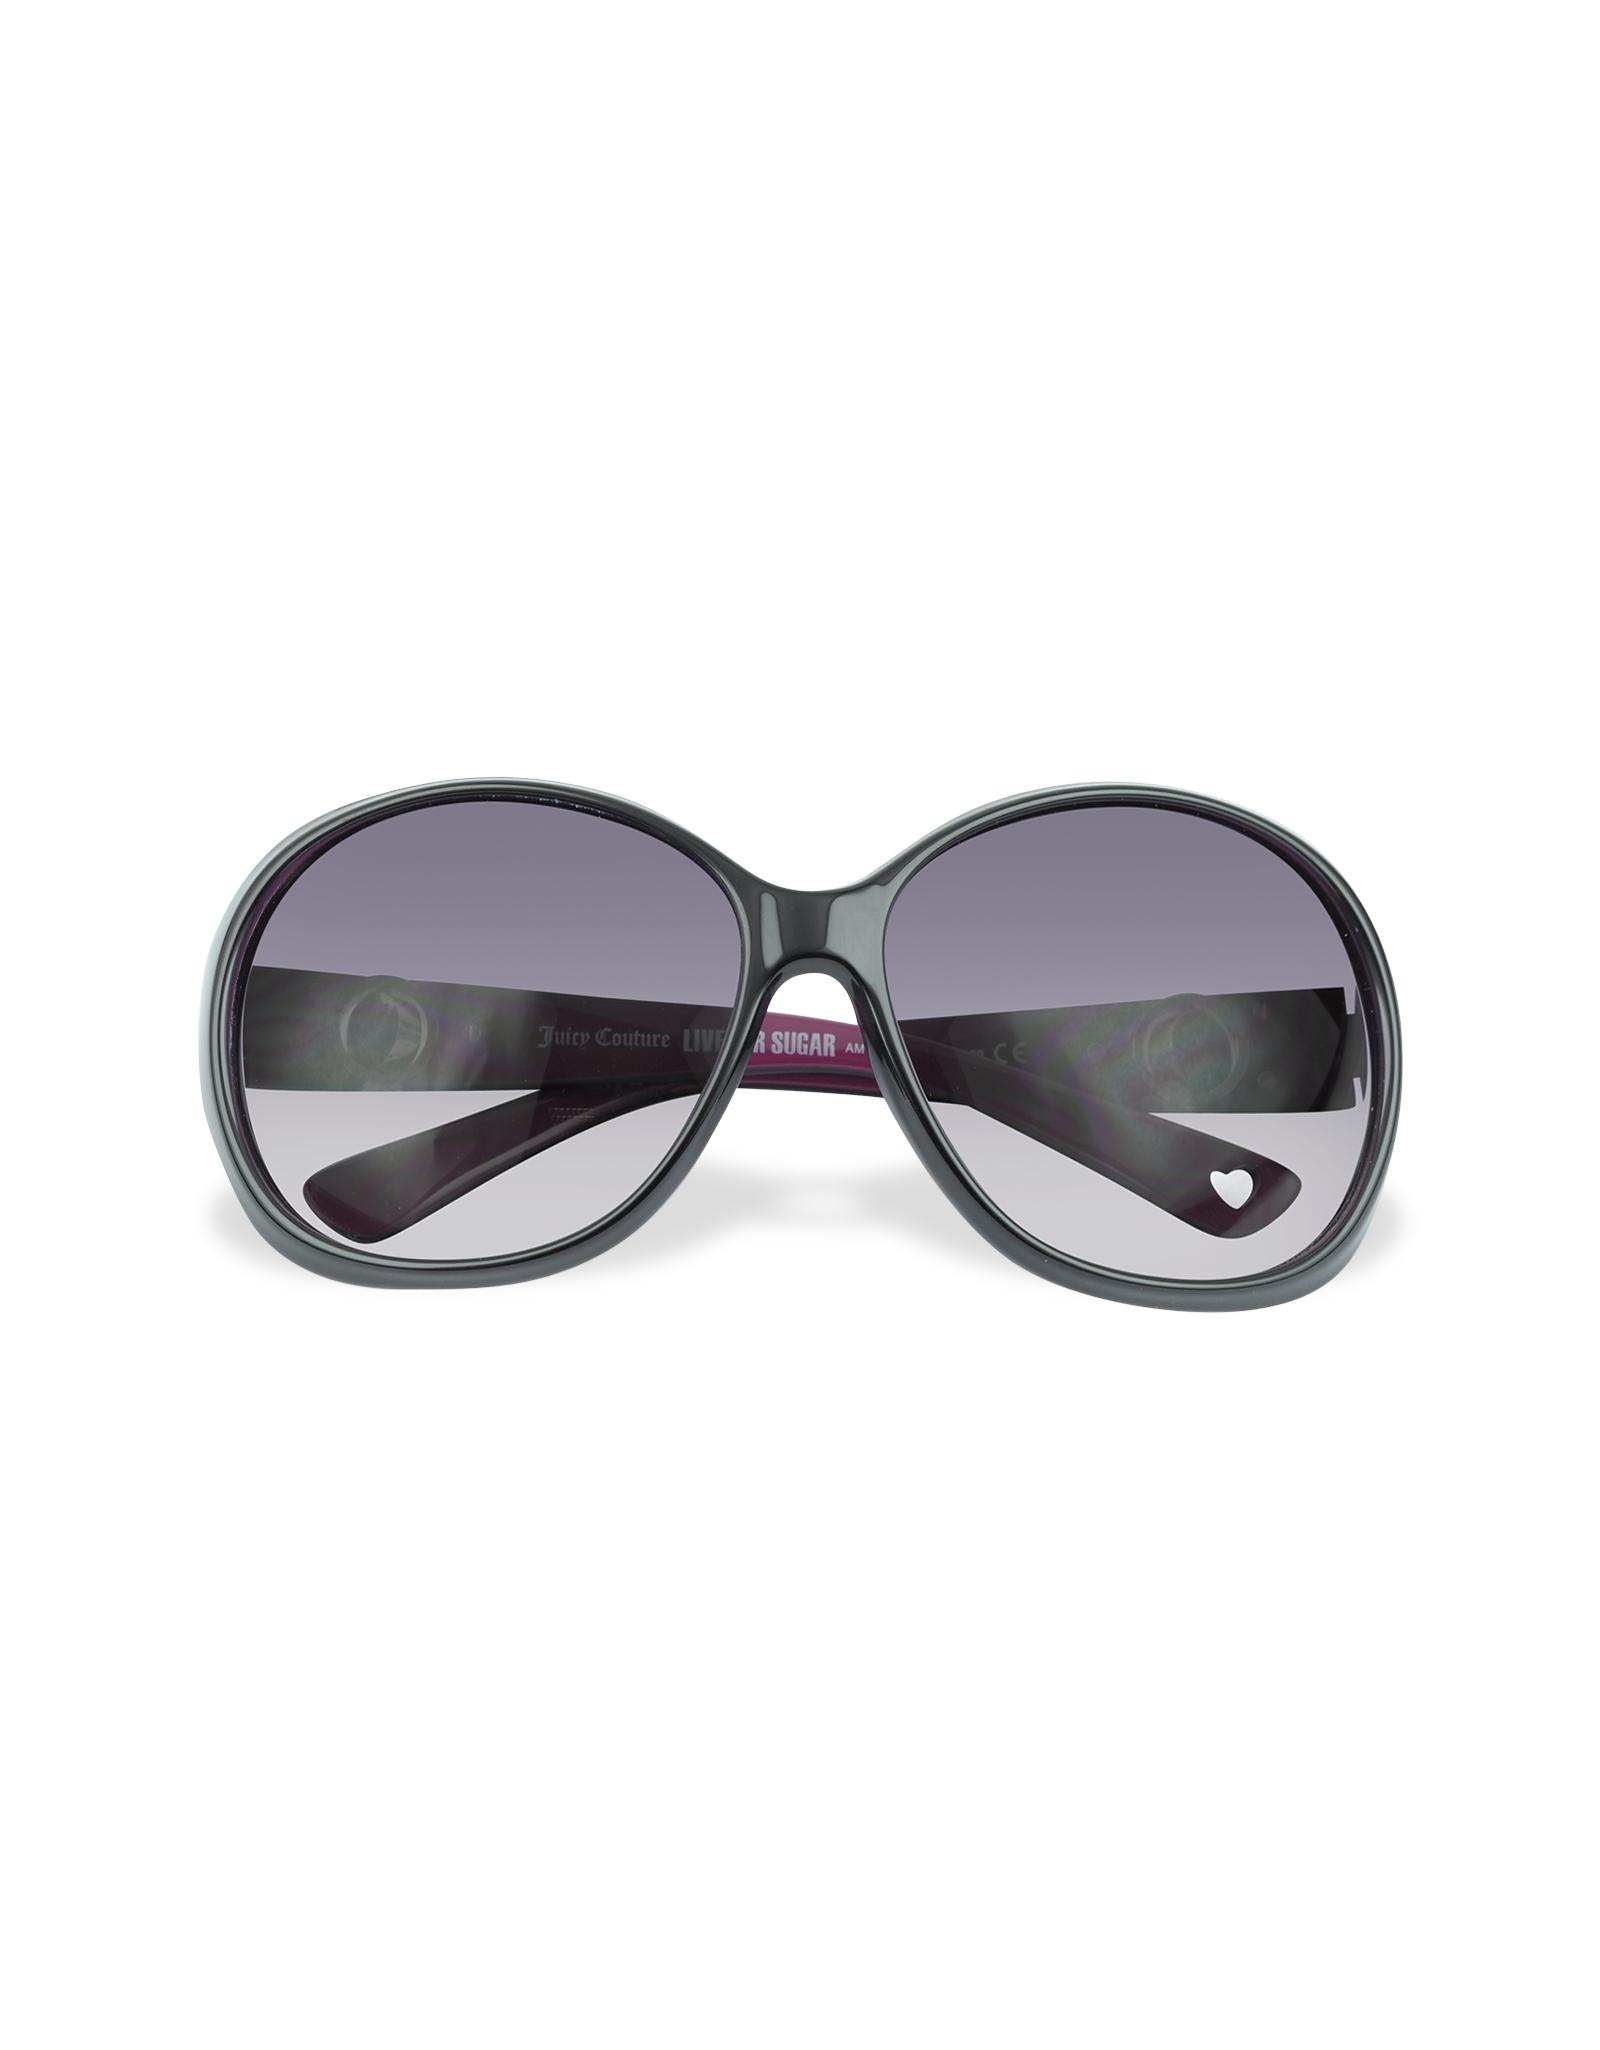 Juicy Couture Quaint - Round Sunglasses in Black - Lyst